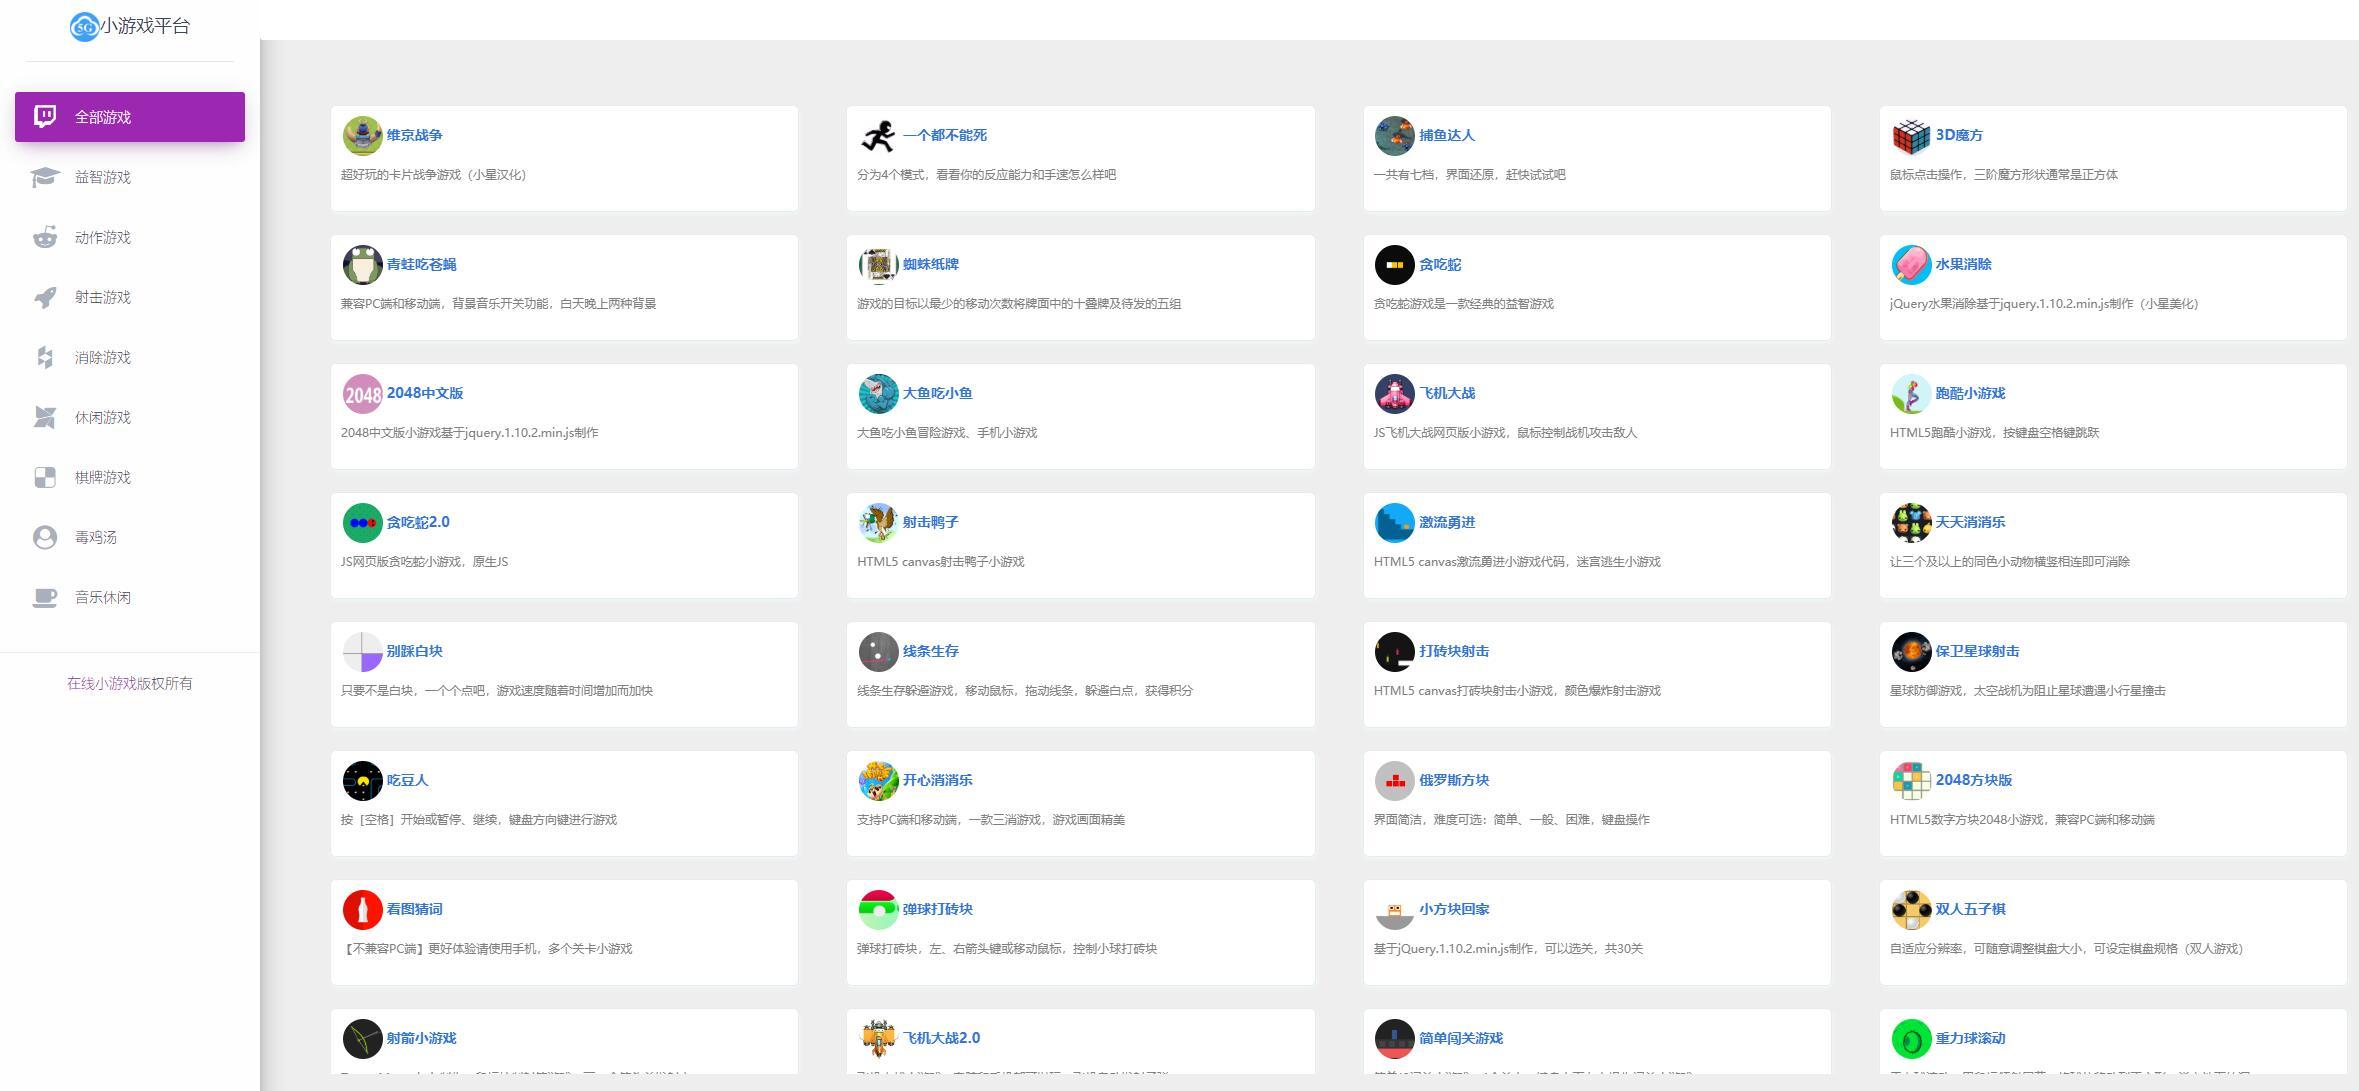 70个小游戏平台HTML源码